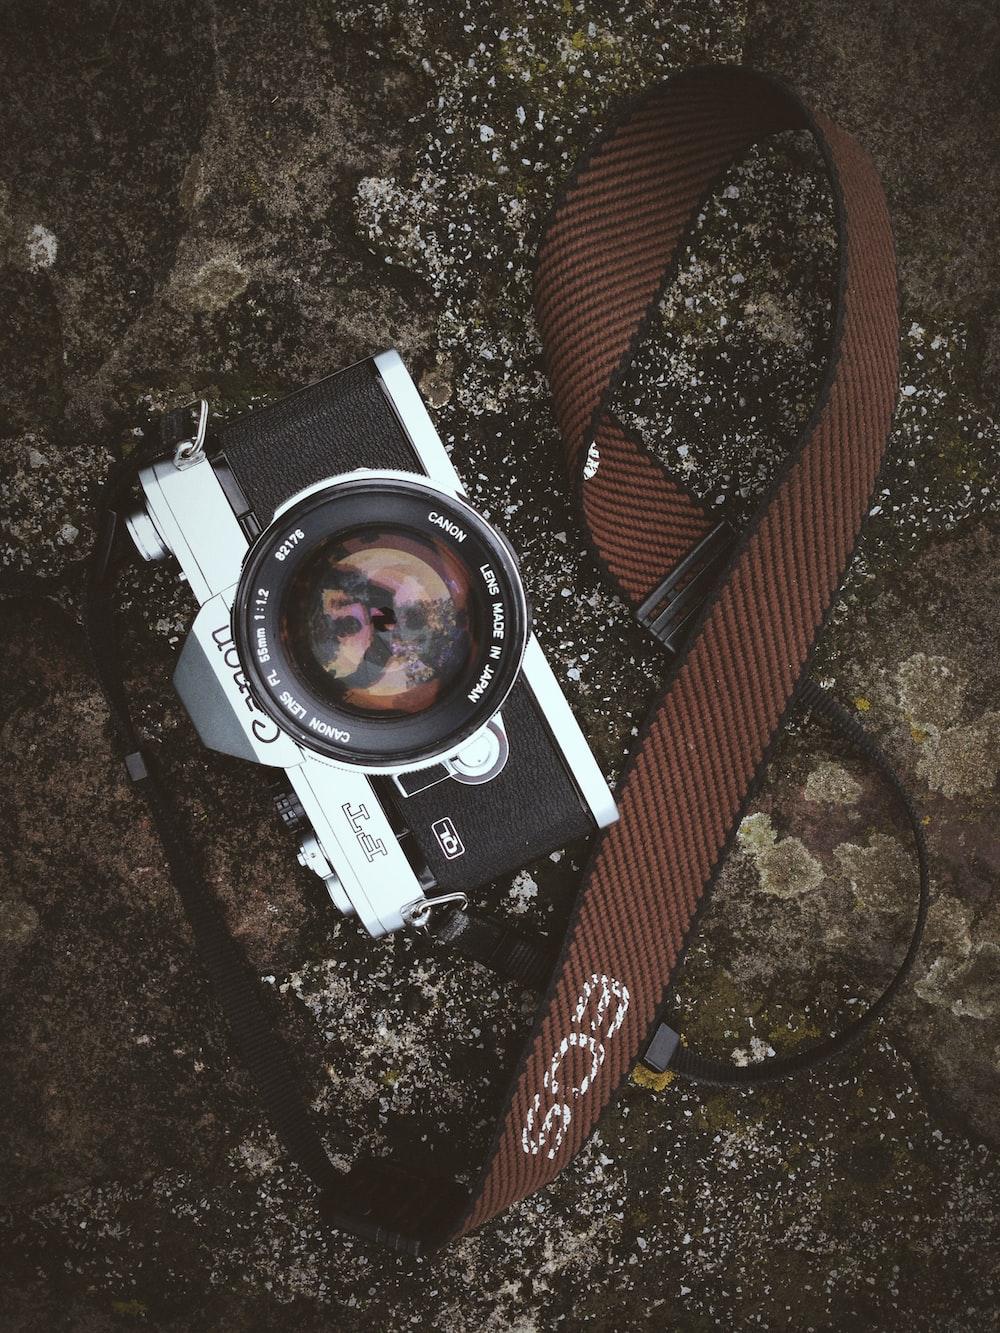 black and gray Canon camera